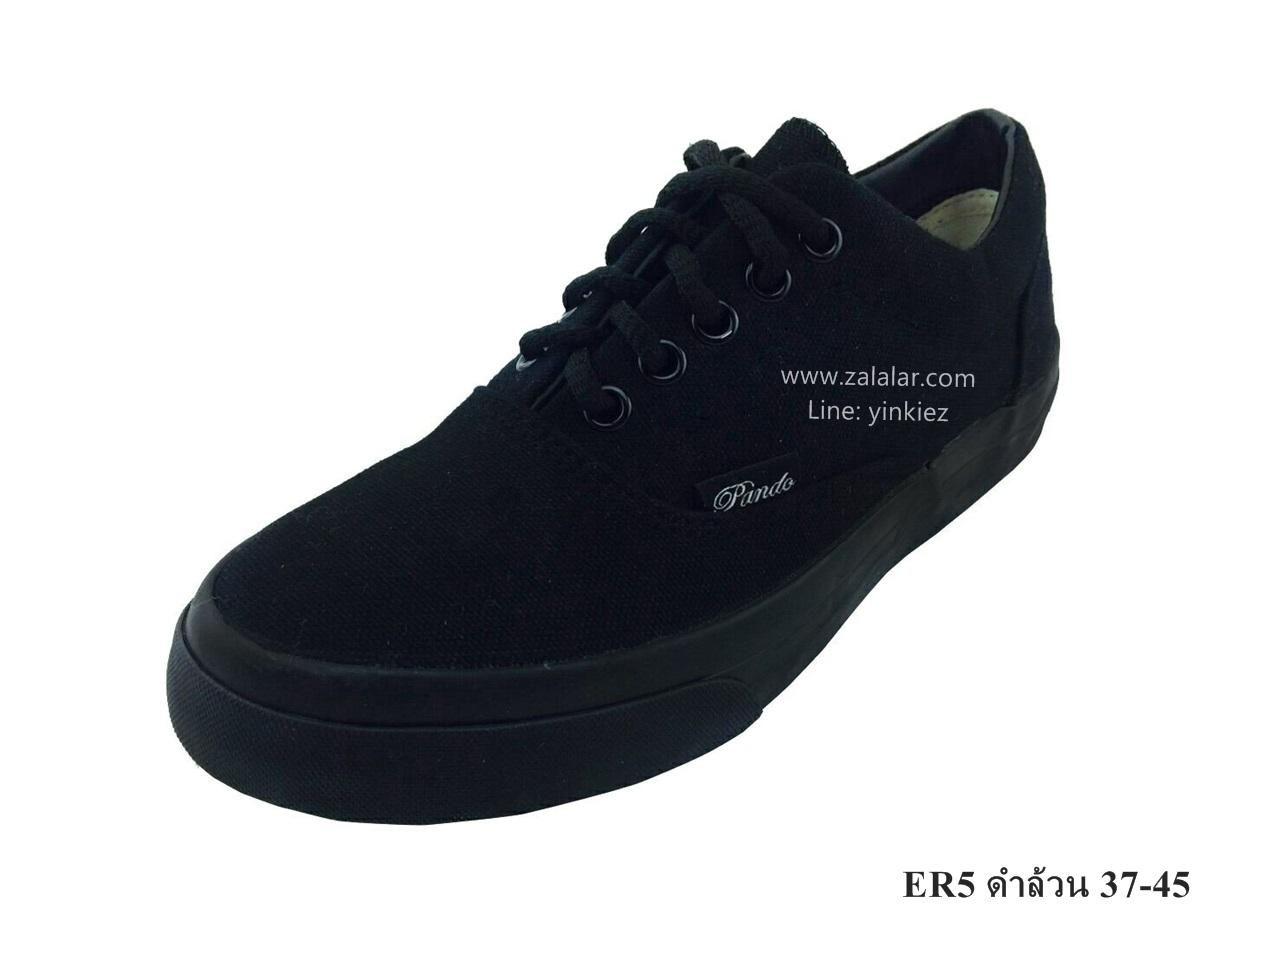 [พร้อมส่ง] รองเท้าผ้าใบแฟชั่น รุ่น ER5 สีดำล้วน (ทูโทน)